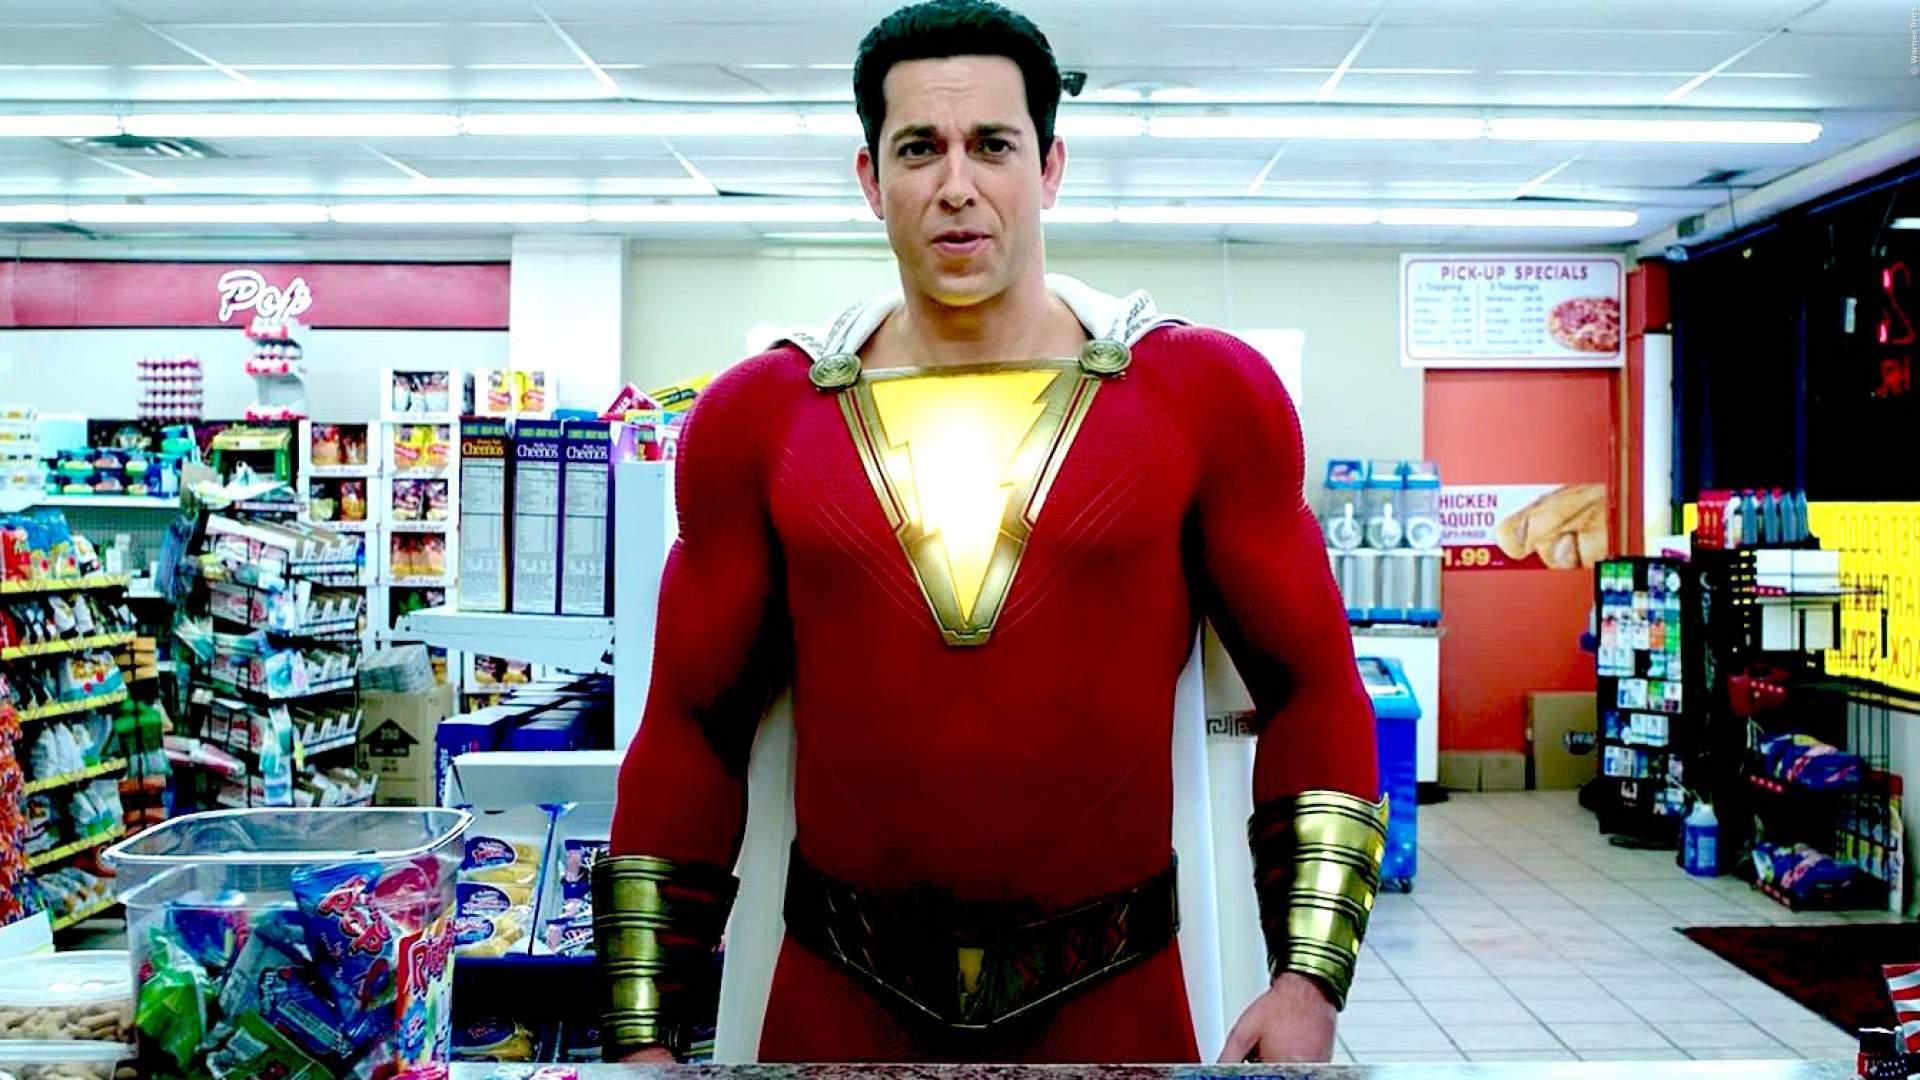 QUIZ: Was weißt du über den Superhelden Shazam? Teste dich hier